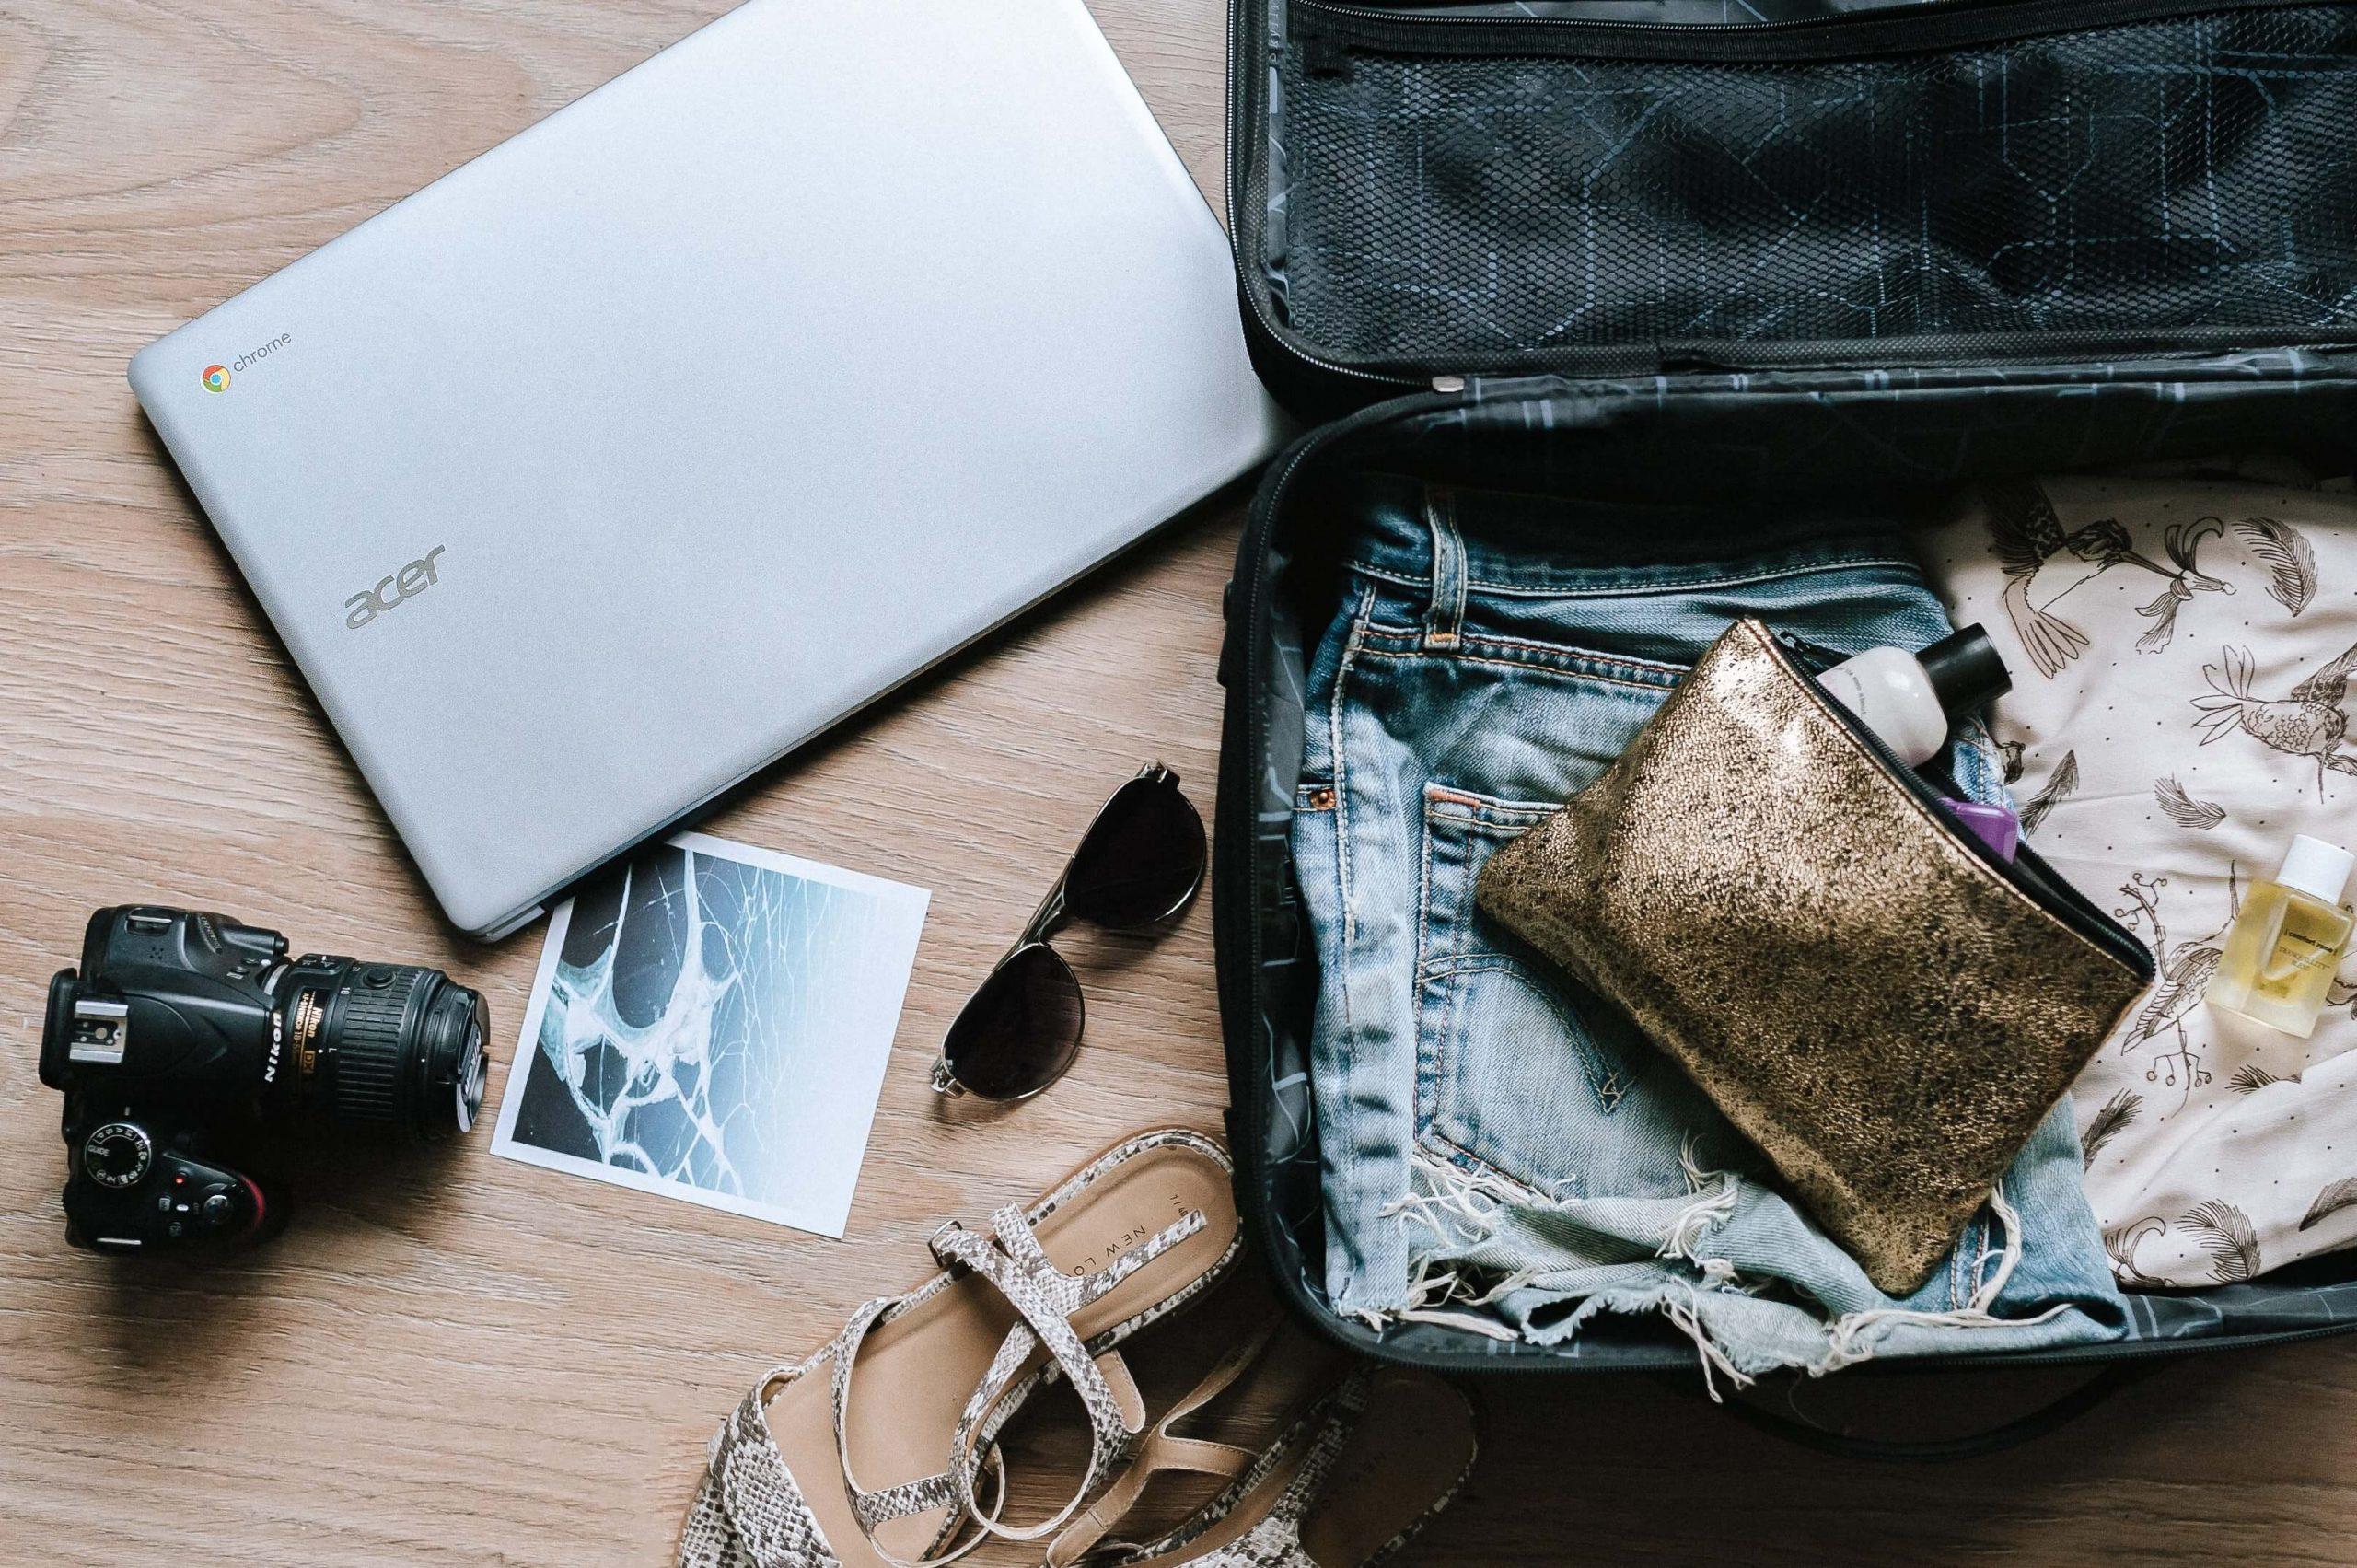 Mala de férias de verão com roupa, acessórios, computador, máquina fotográfica, óculos de sol e estojo de higiene